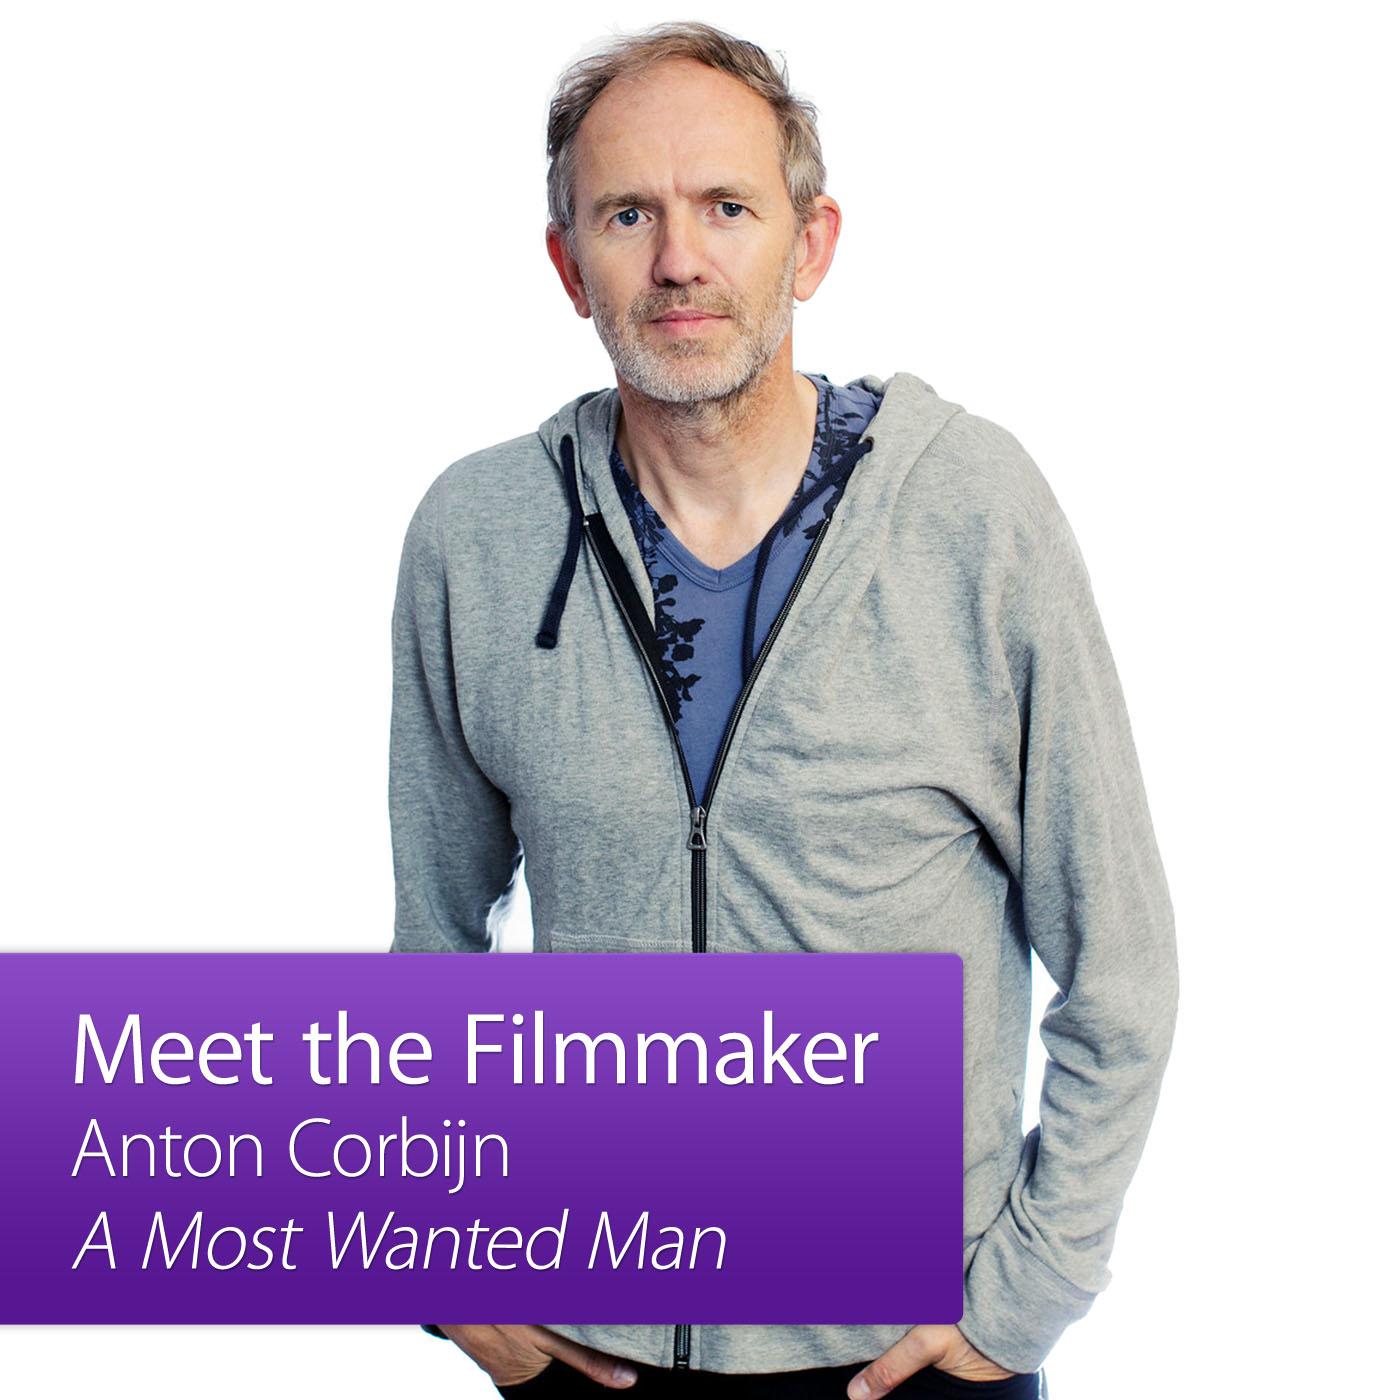 Anton Corbijn: Meet the Filmmaker